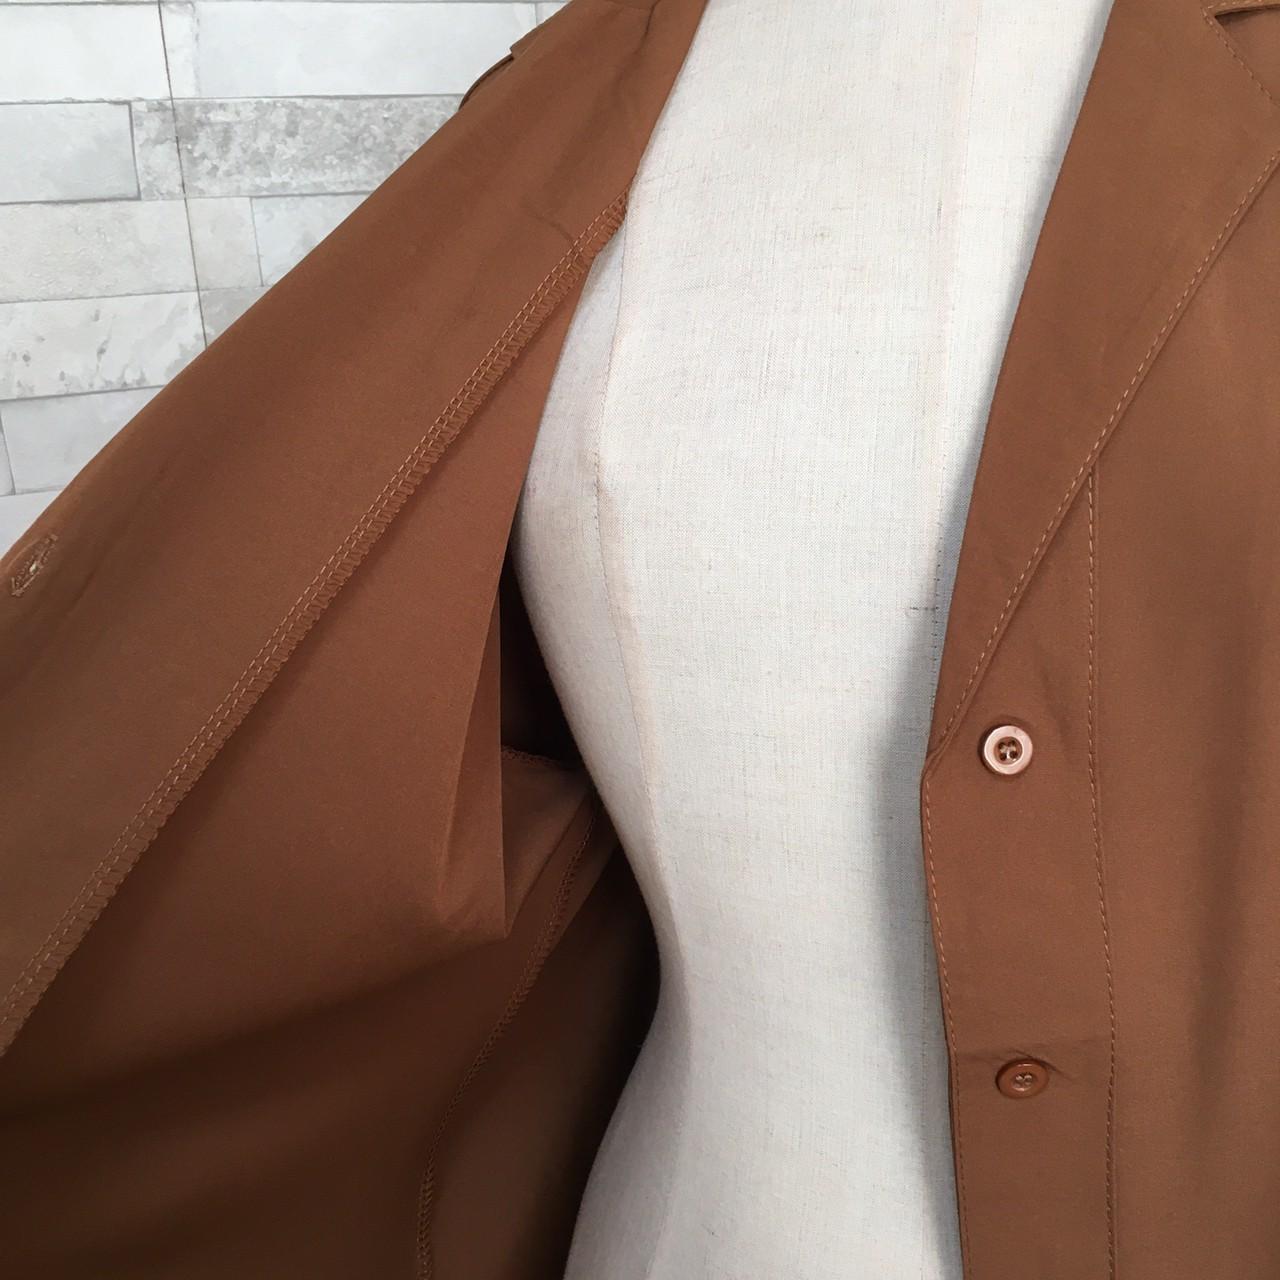 韓国 ファッション ワンピース 春 秋 冬 カジュアル PTXH835  テーラード 七分袖 ゆったり オフィス 休日 オルチャン シンプル 定番 セレカジの写真15枚目